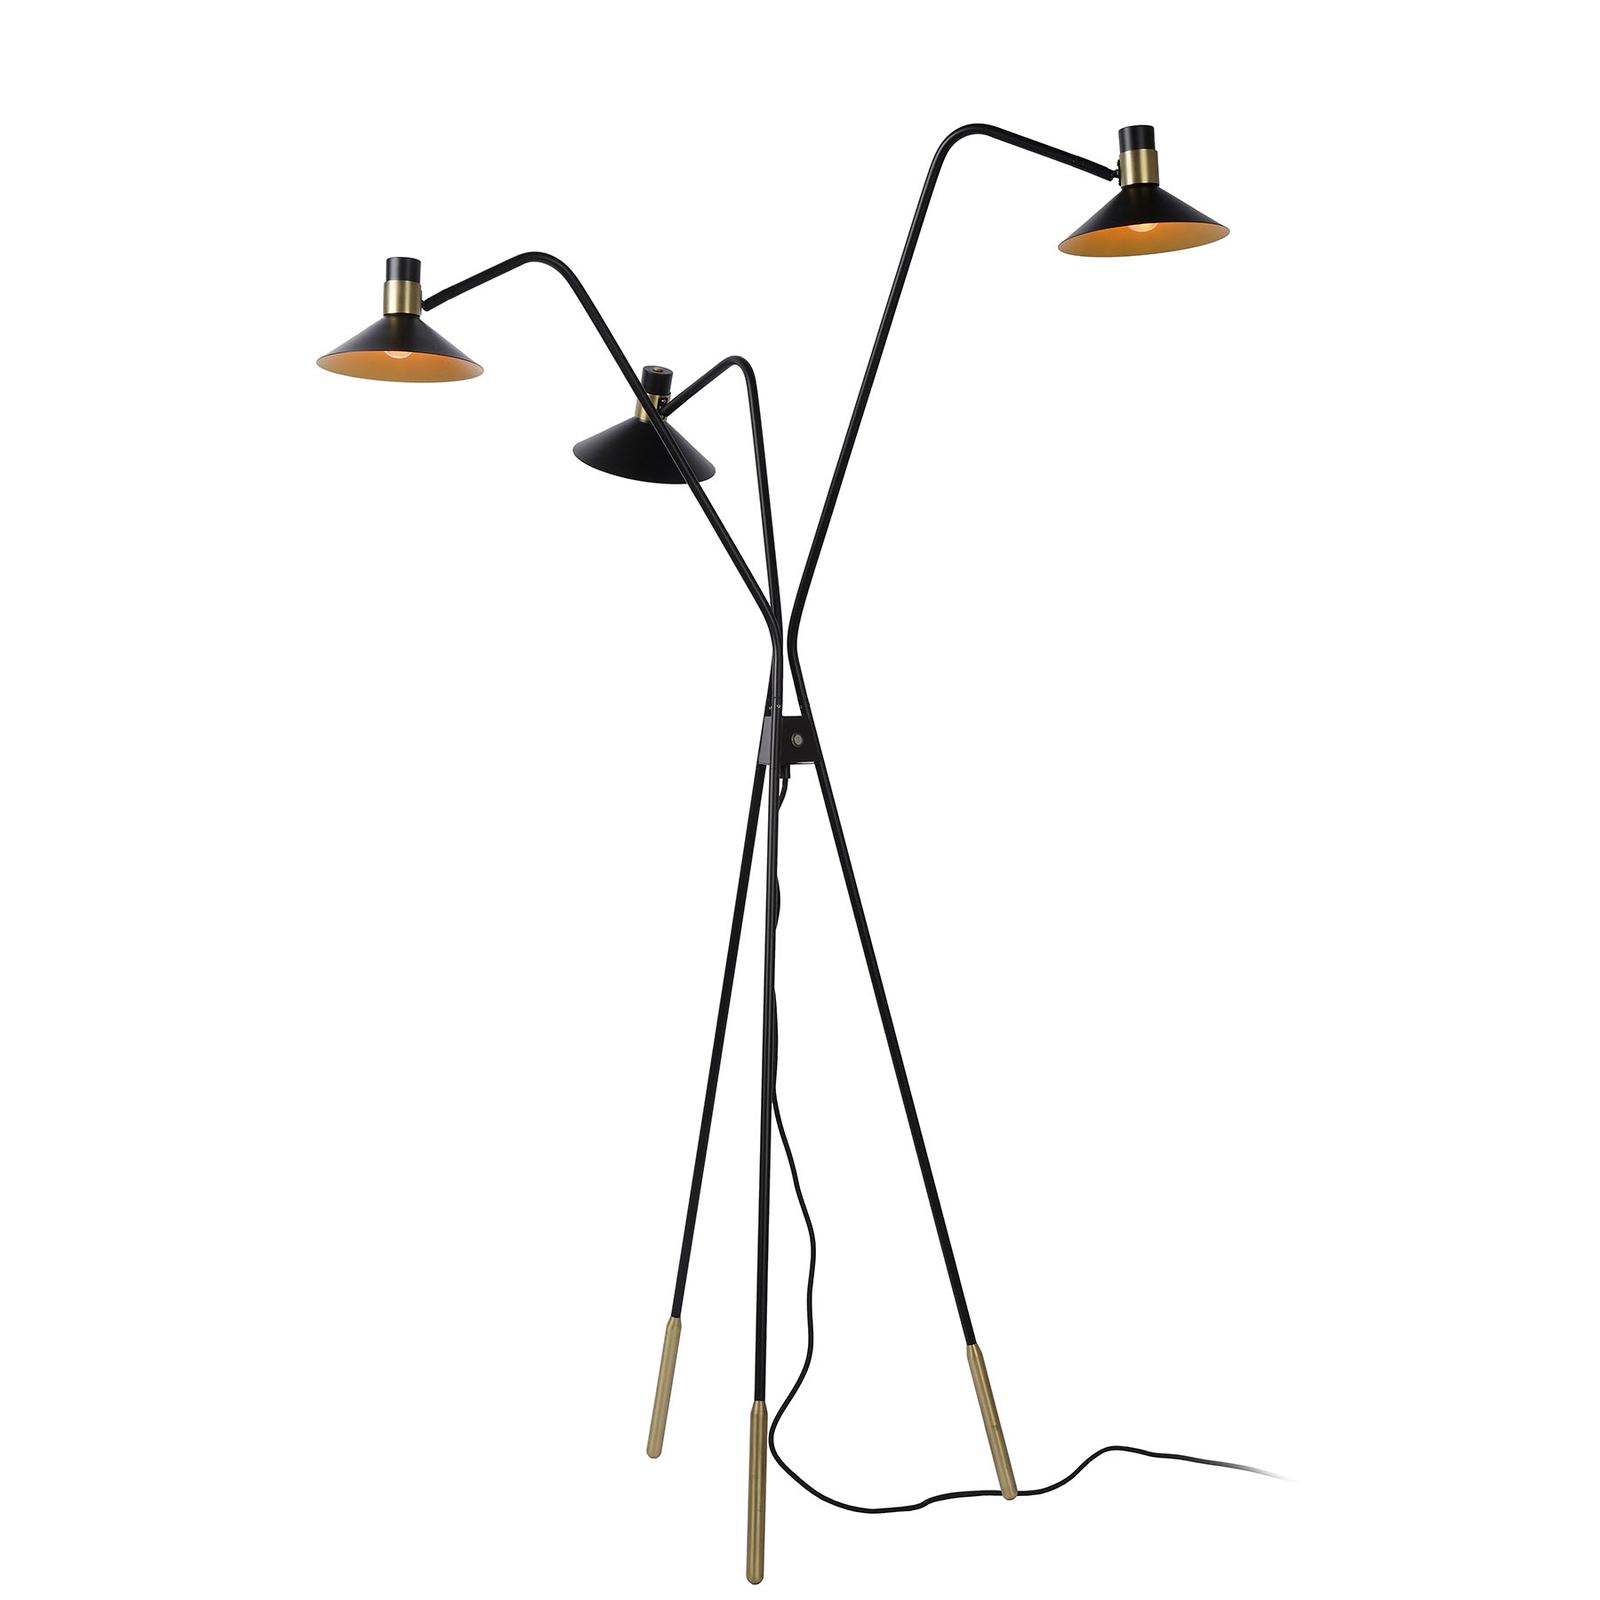 Vloerlamp Pepijn in zwart en goud, 3-lamps